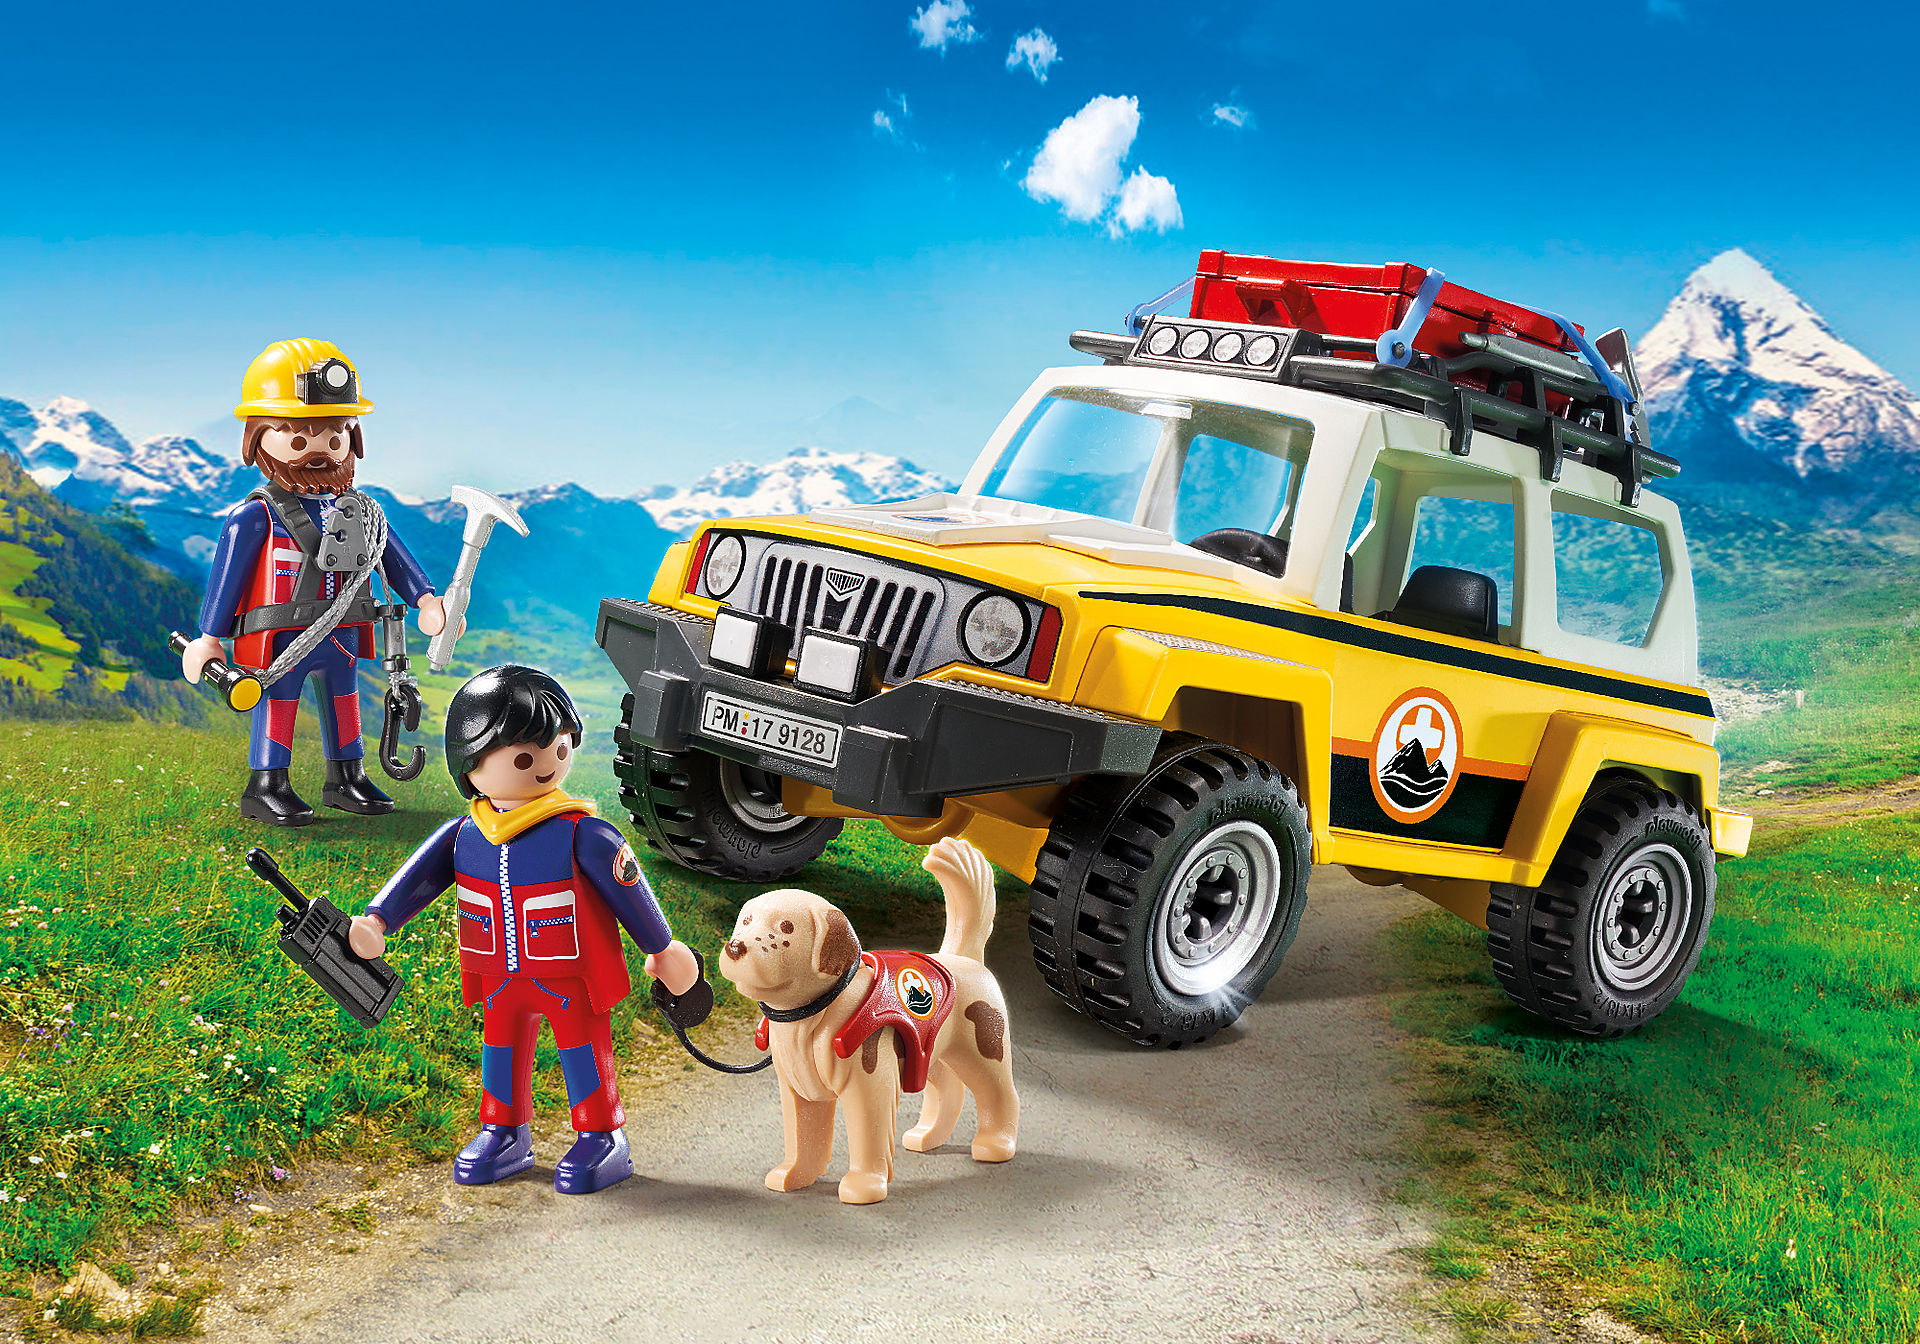 9128 Vehículo de Rescate de Montaña  zoom image1